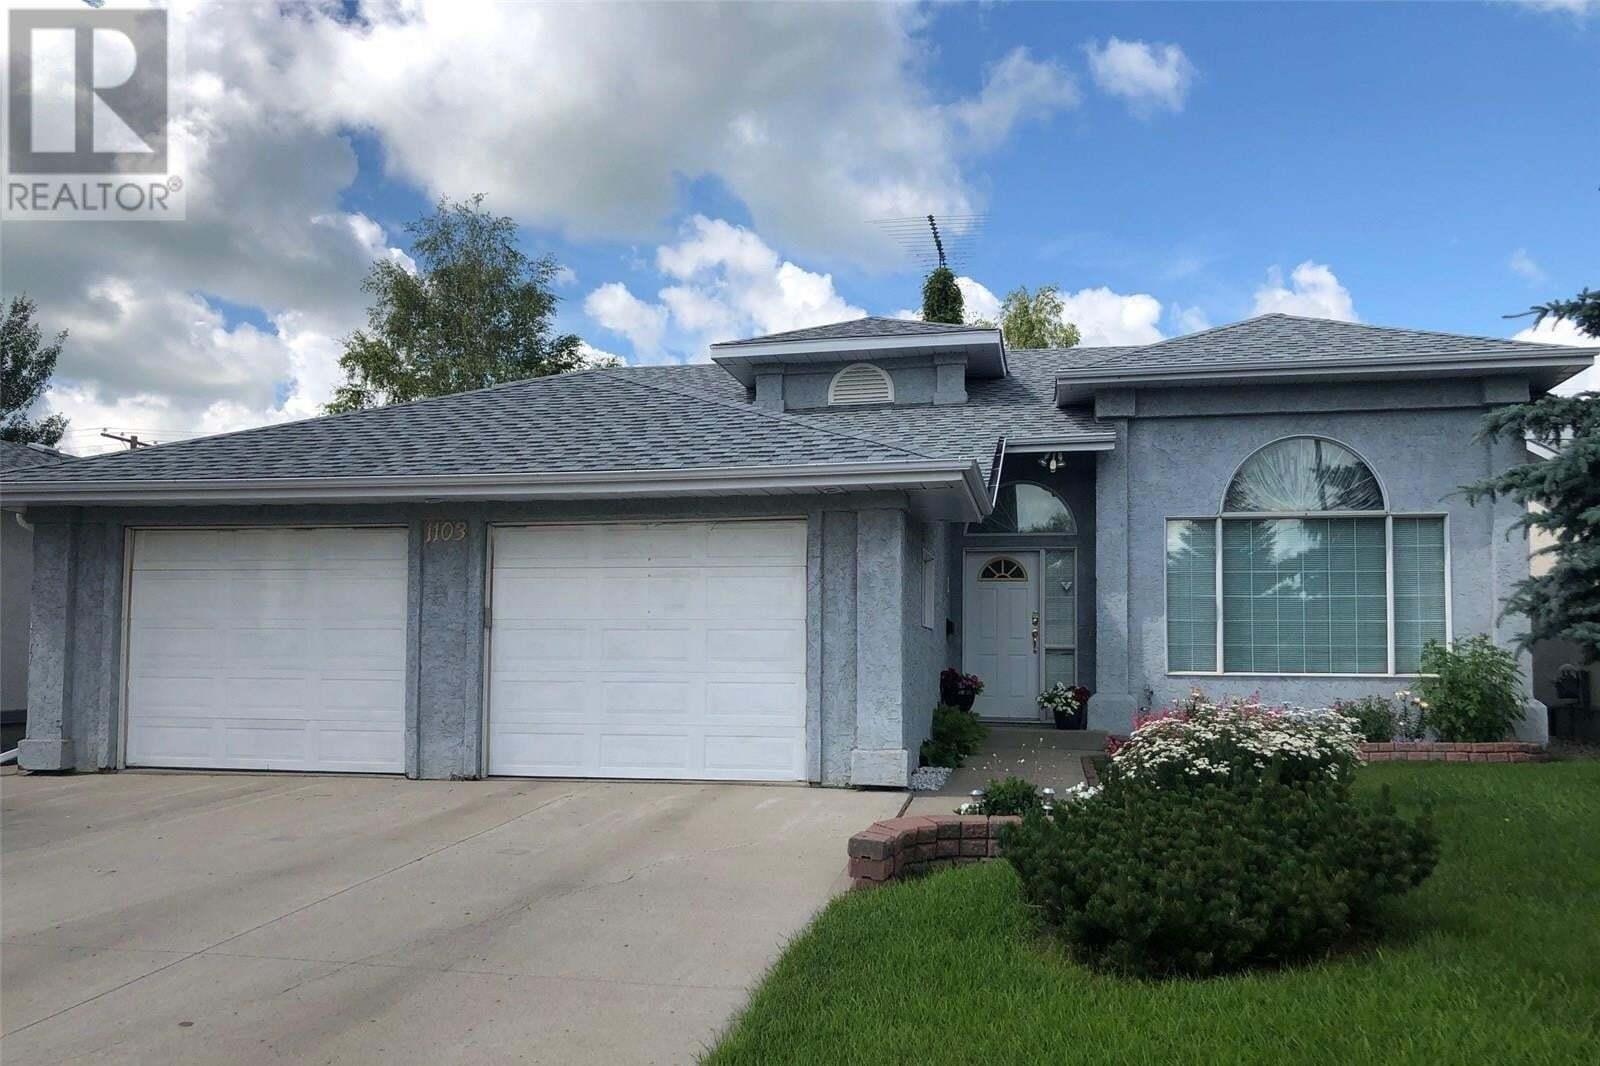 House for sale at 1103 21st St Humboldt Saskatchewan - MLS: SK819185